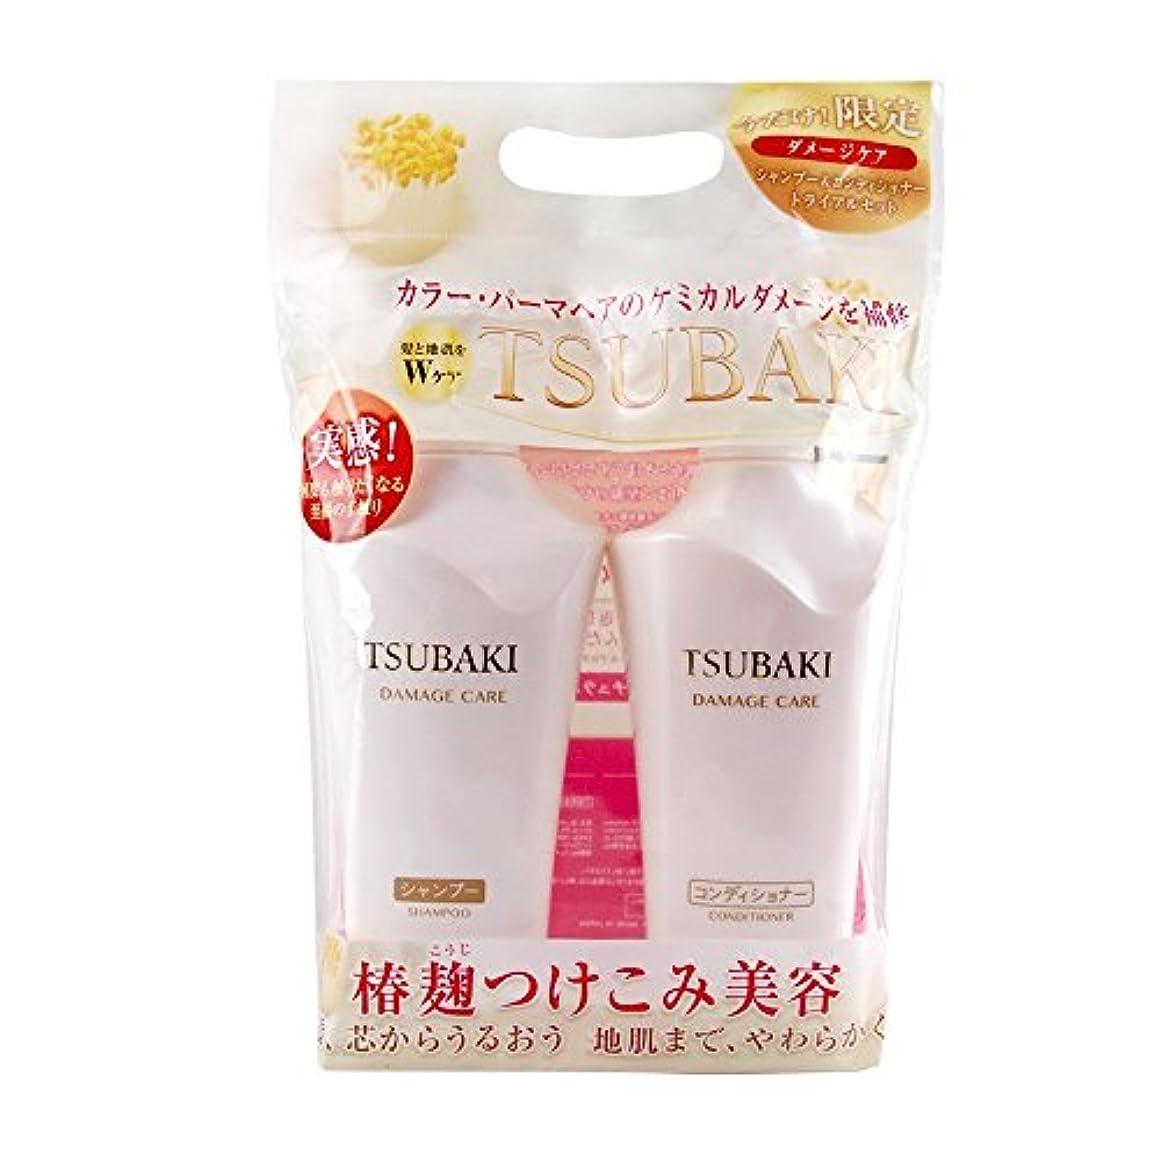 ご予約取り替える定規TSUBAKI ダメージケア シャンプー&コンディショナー ジャンボペアセット (500ml+500ml)